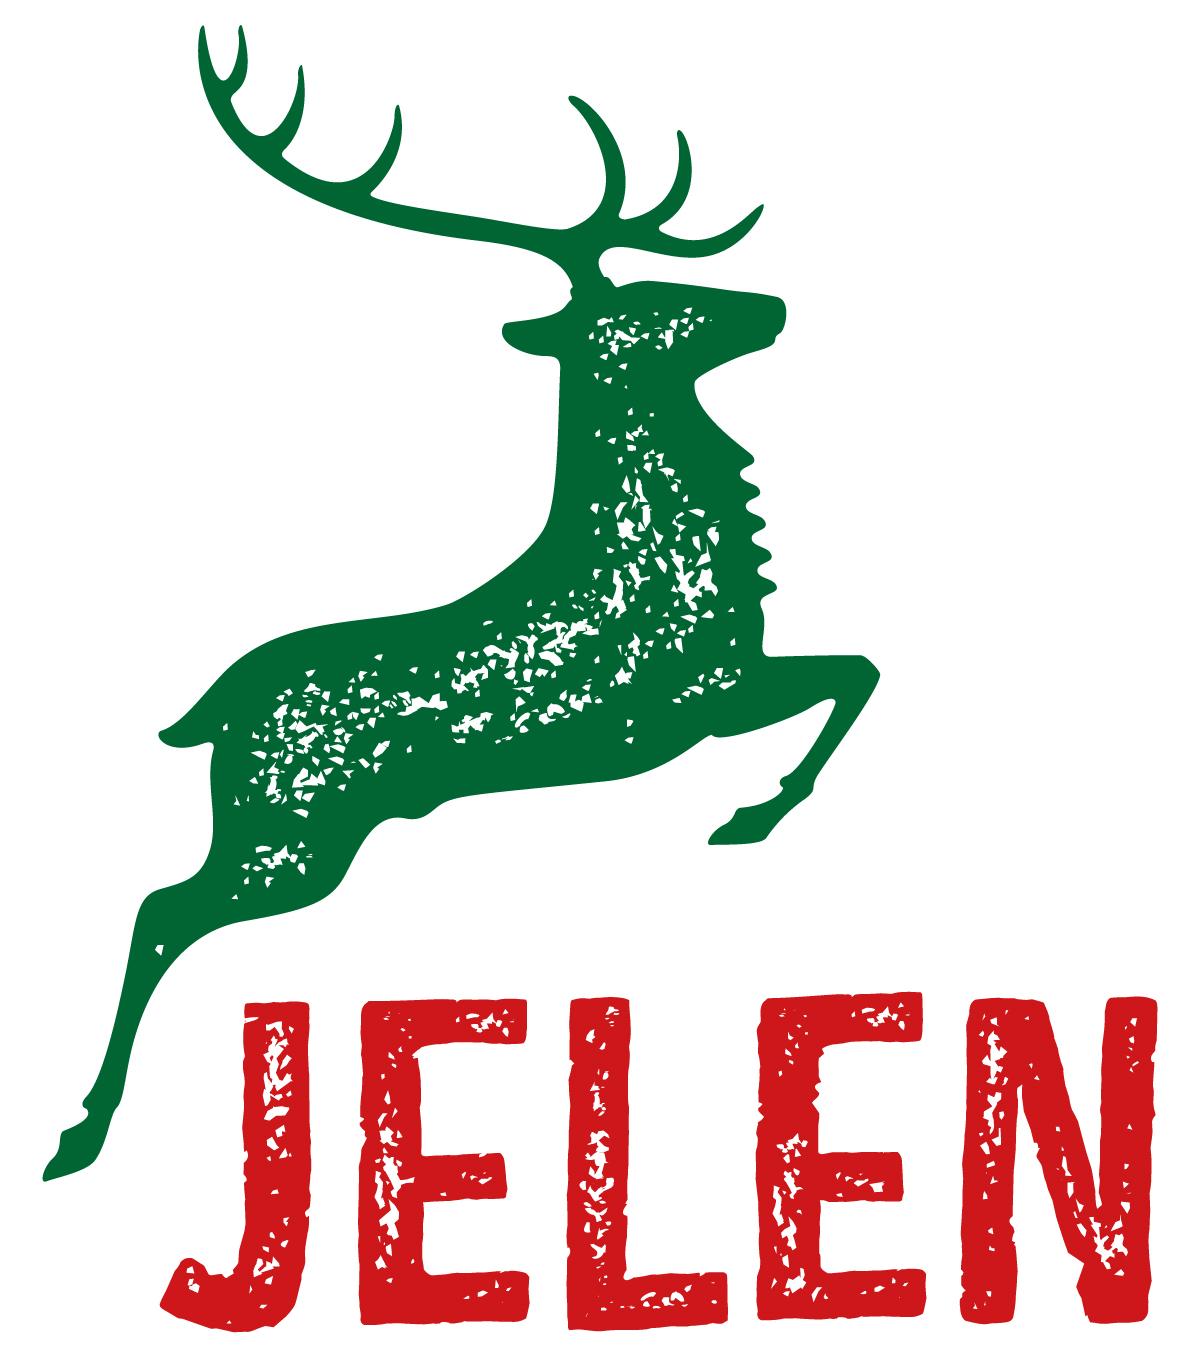 Výsledné logo